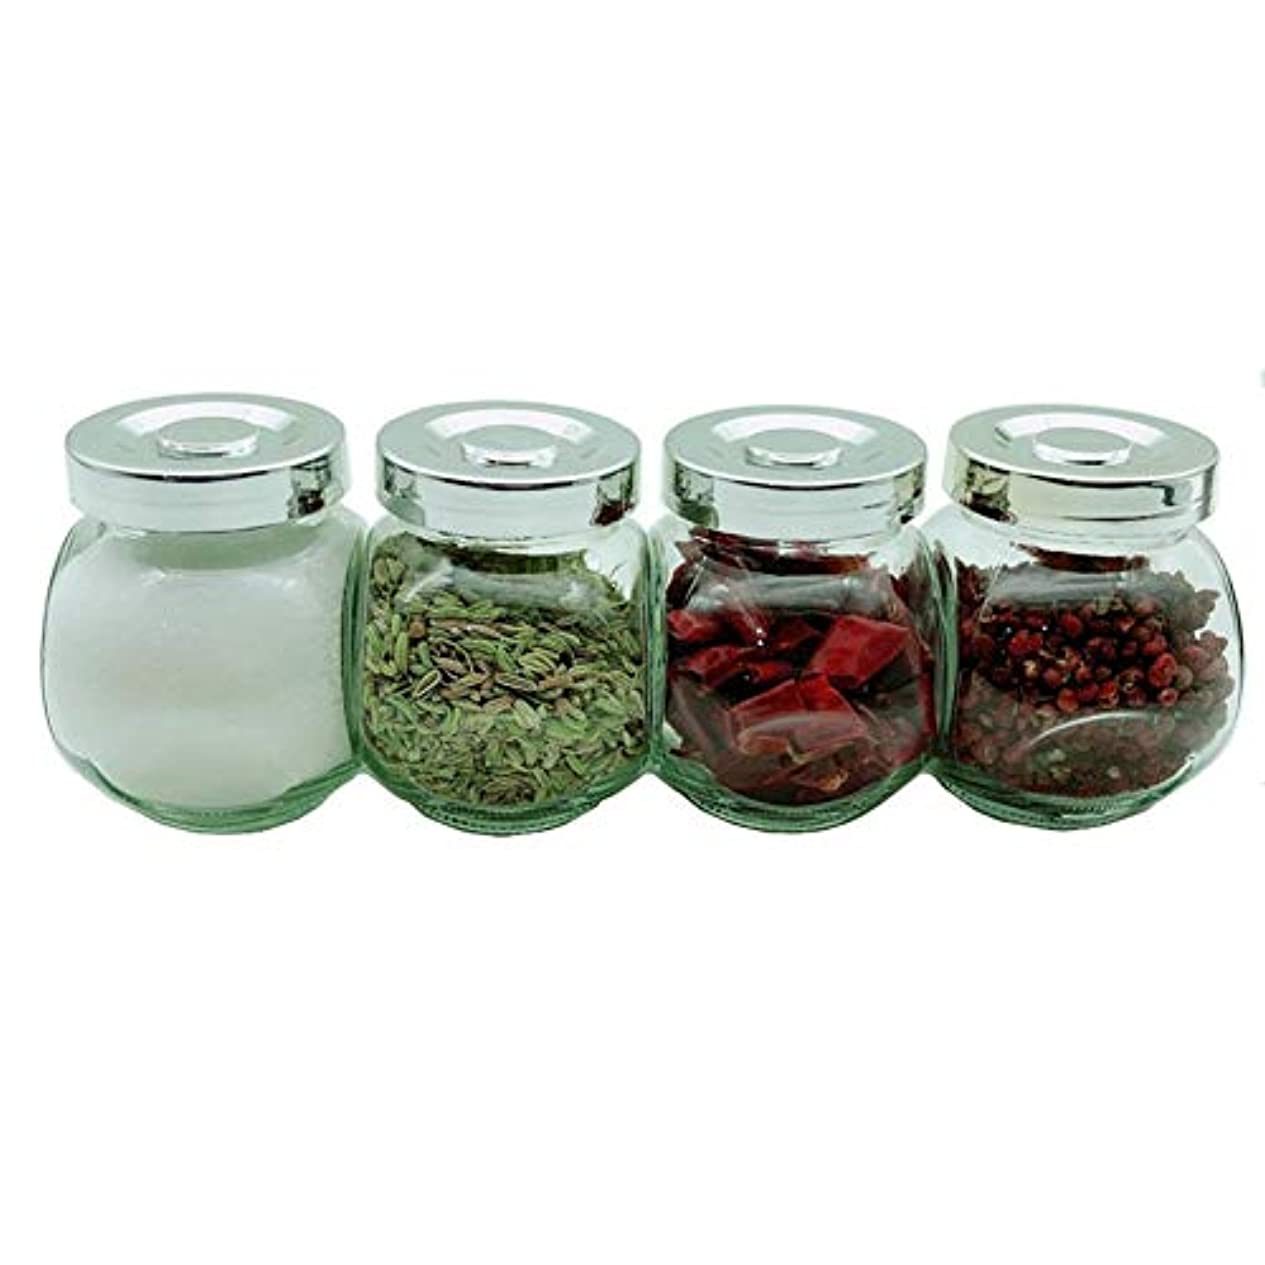 アルコール退化する葡萄ストレージジャー(4パック)透明ガラス調味料/雑穀密閉防湿密閉タンク